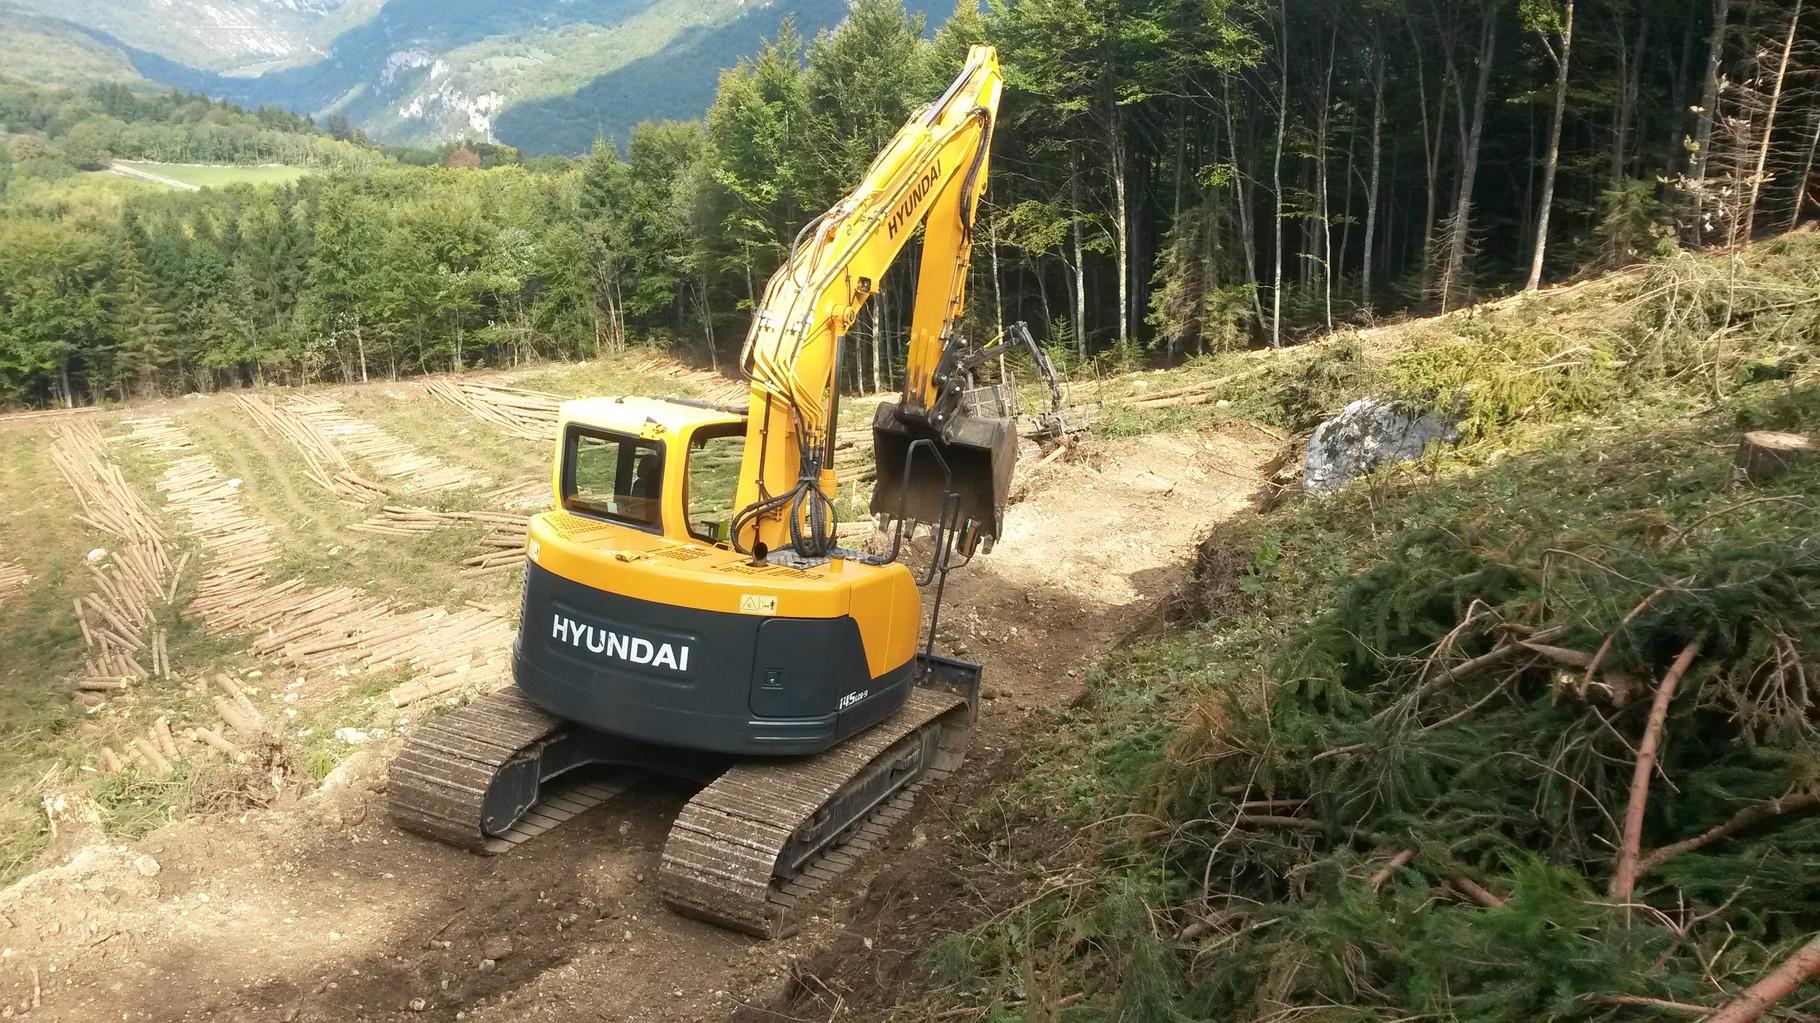 Pelle Hyundai 16t